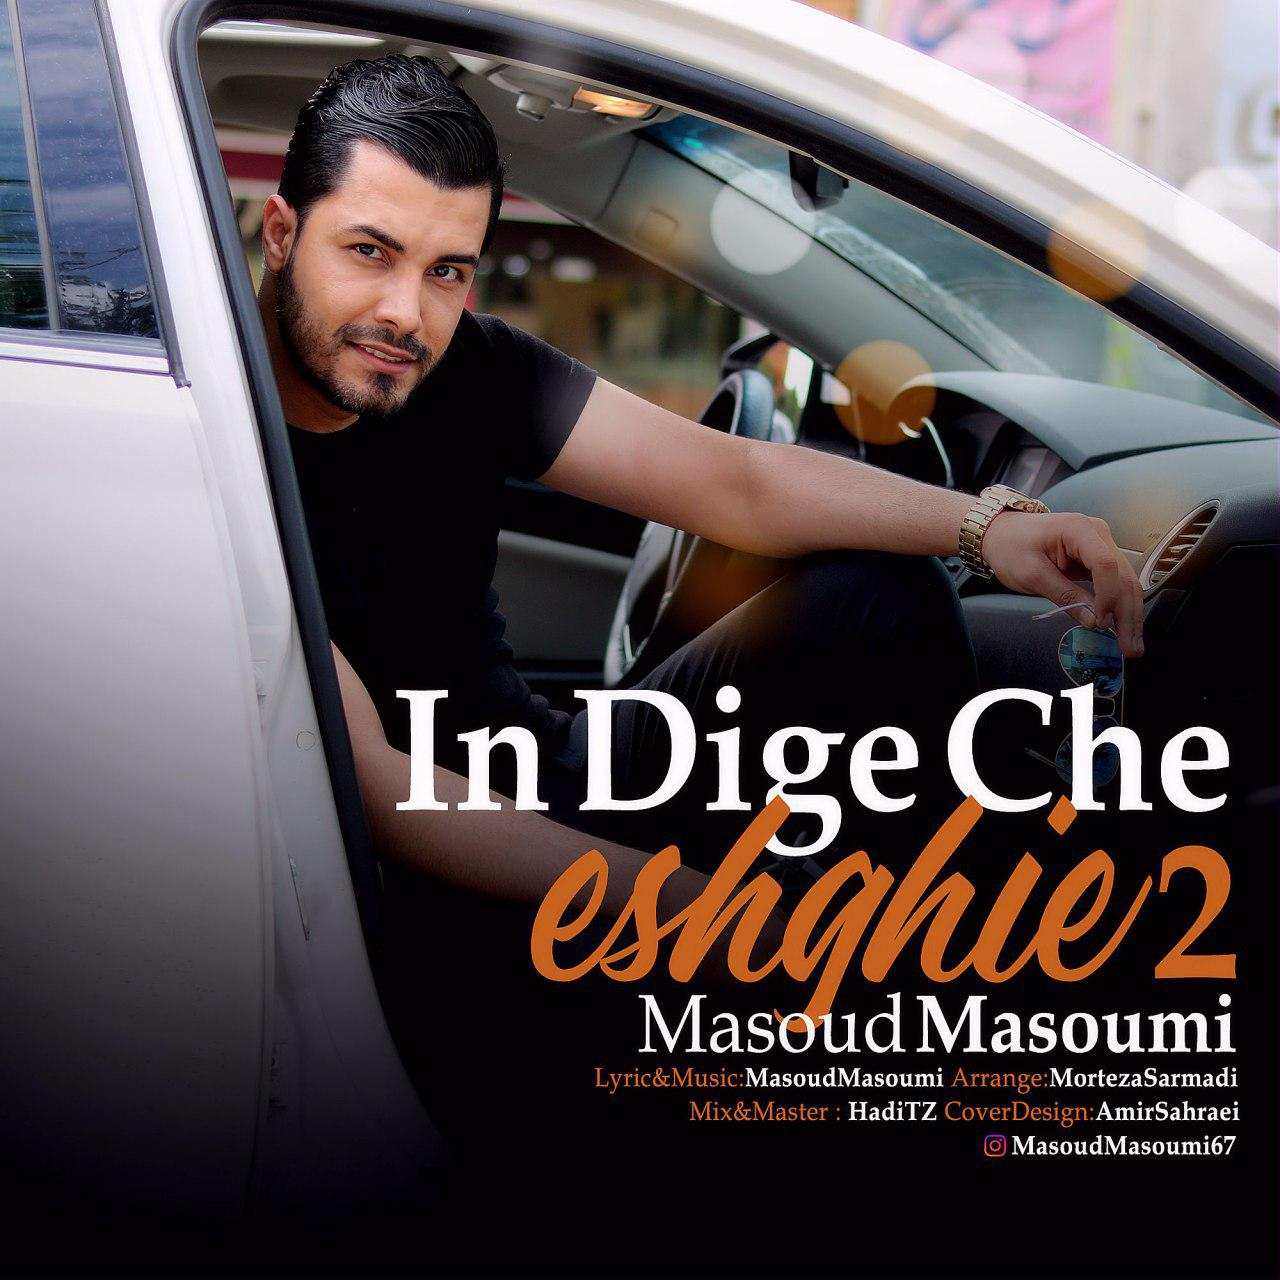 مسعود معصومی به نام این دیگه چه عشقیه